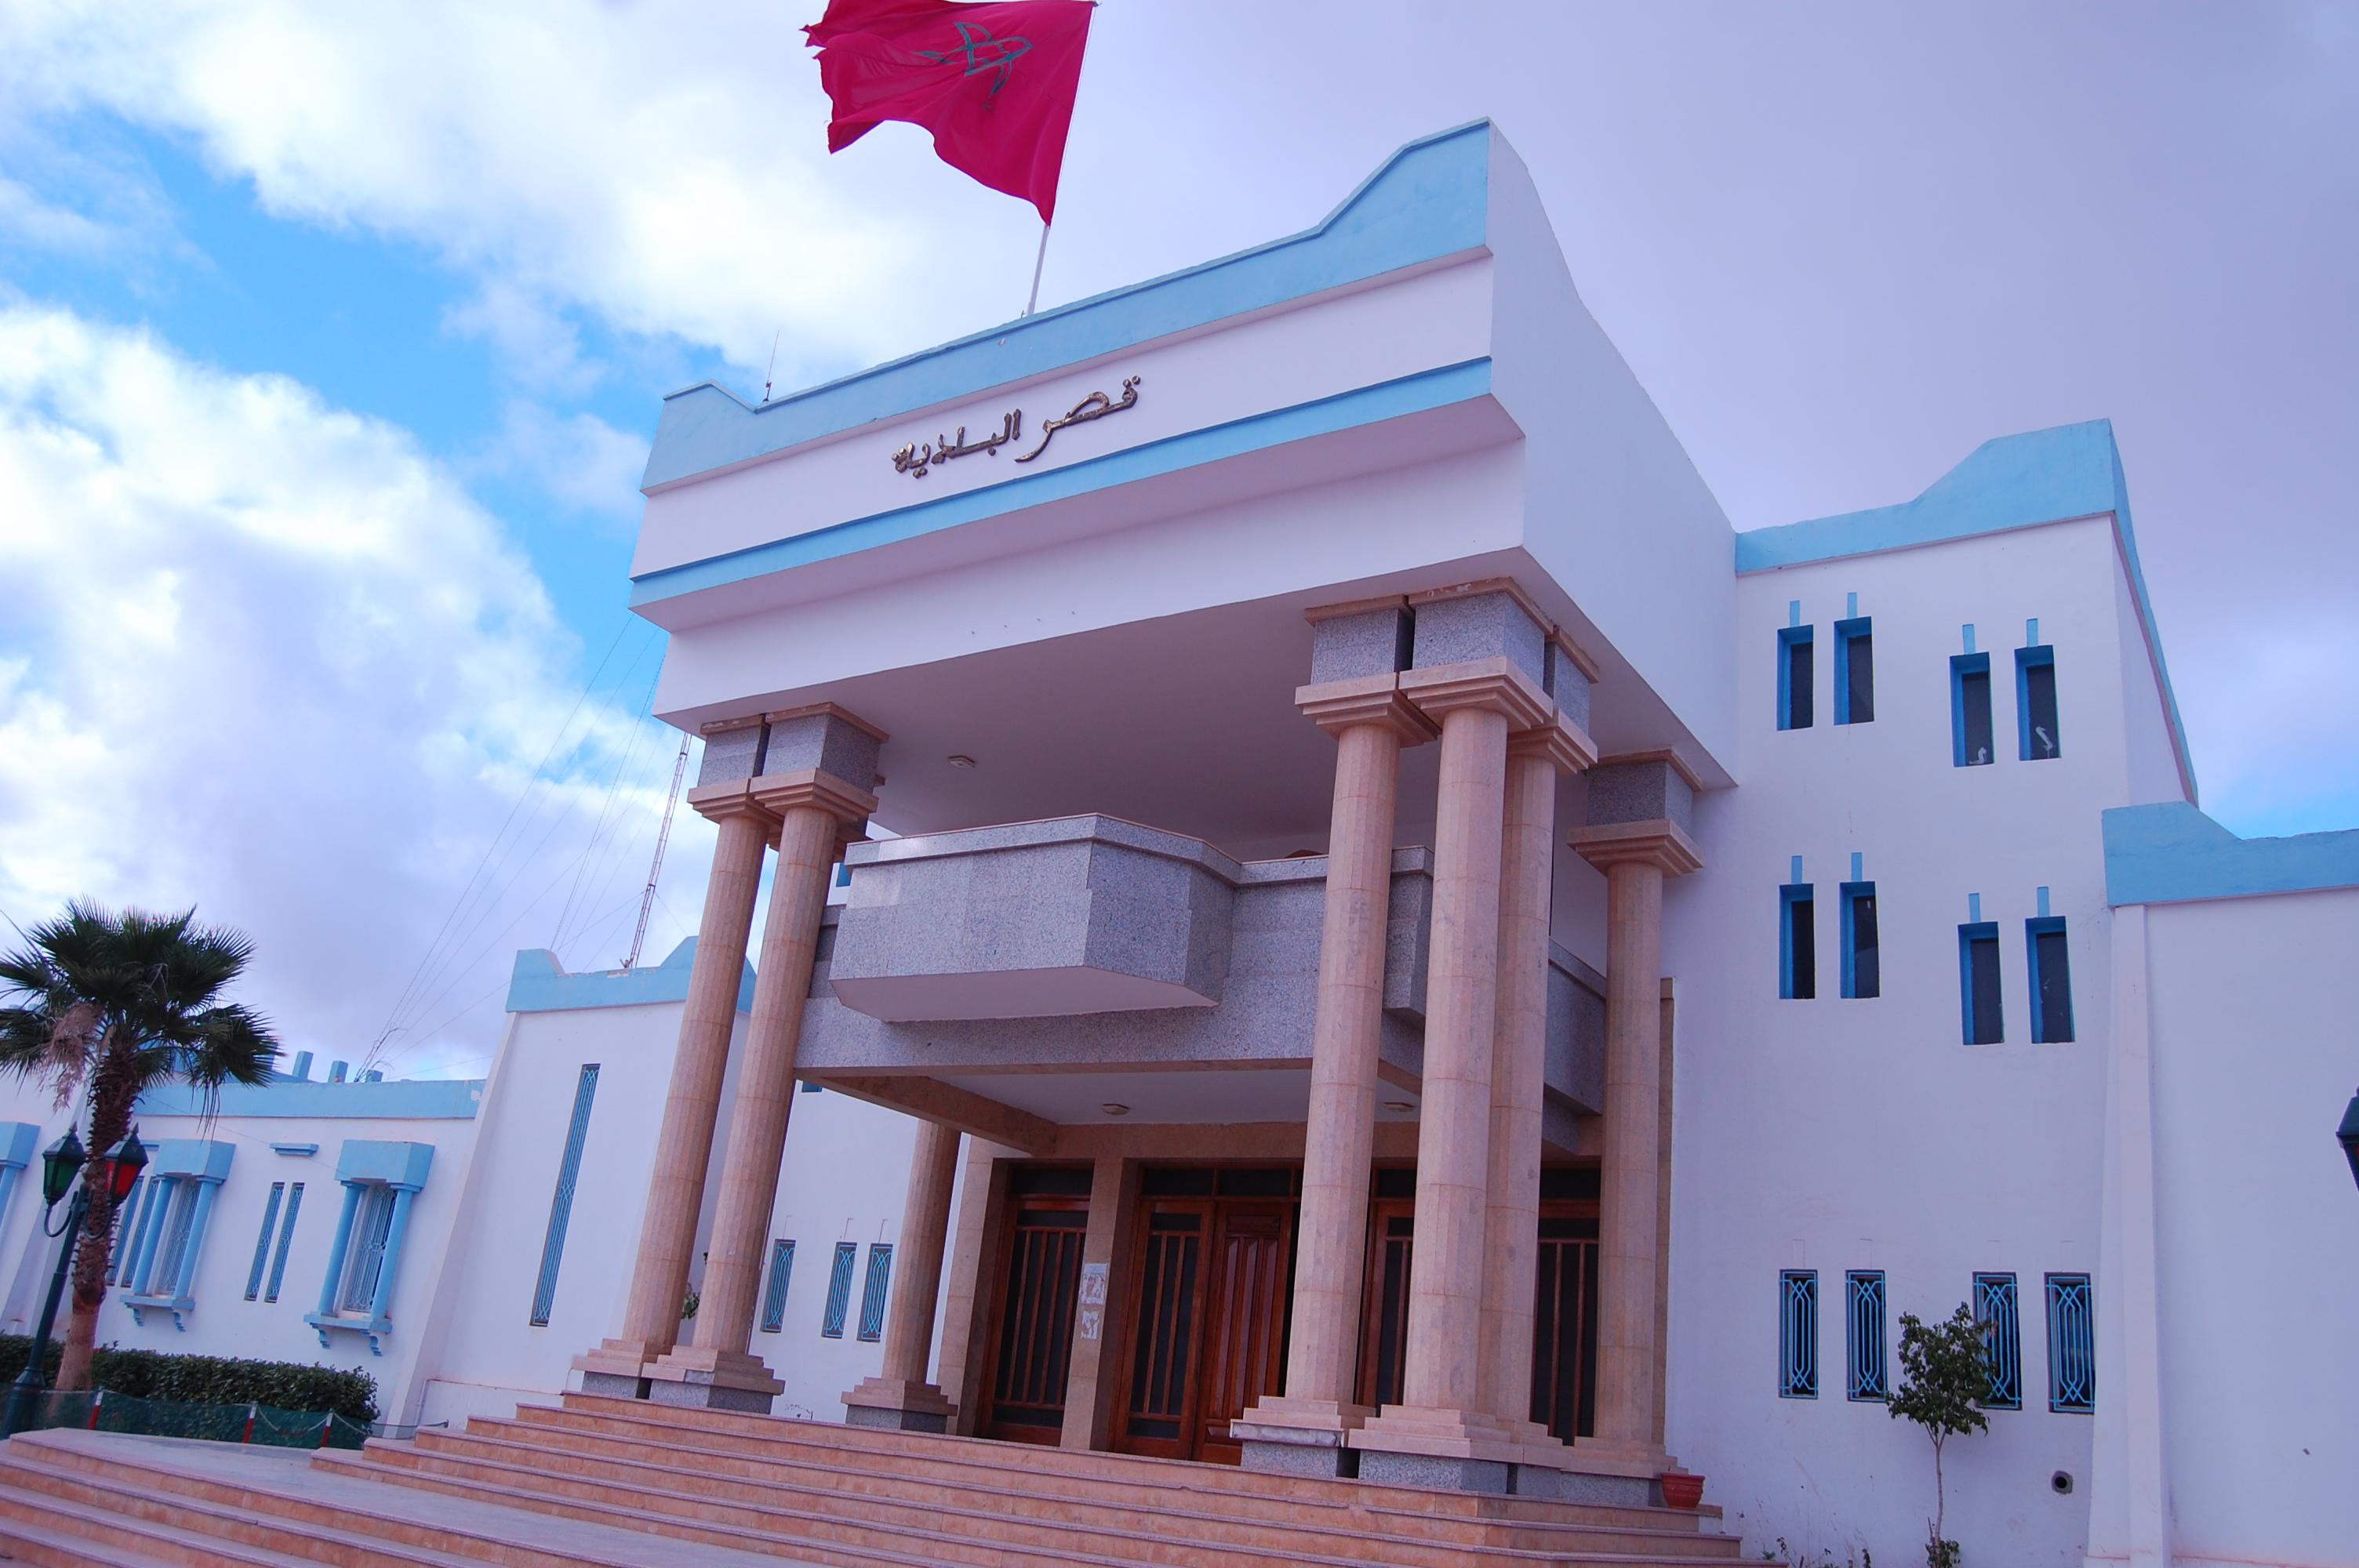 تصدع فريق العدالة والتنمية بمجلس بلدية طانطان بعد تعليق عضوية ثلاثة مستشارين